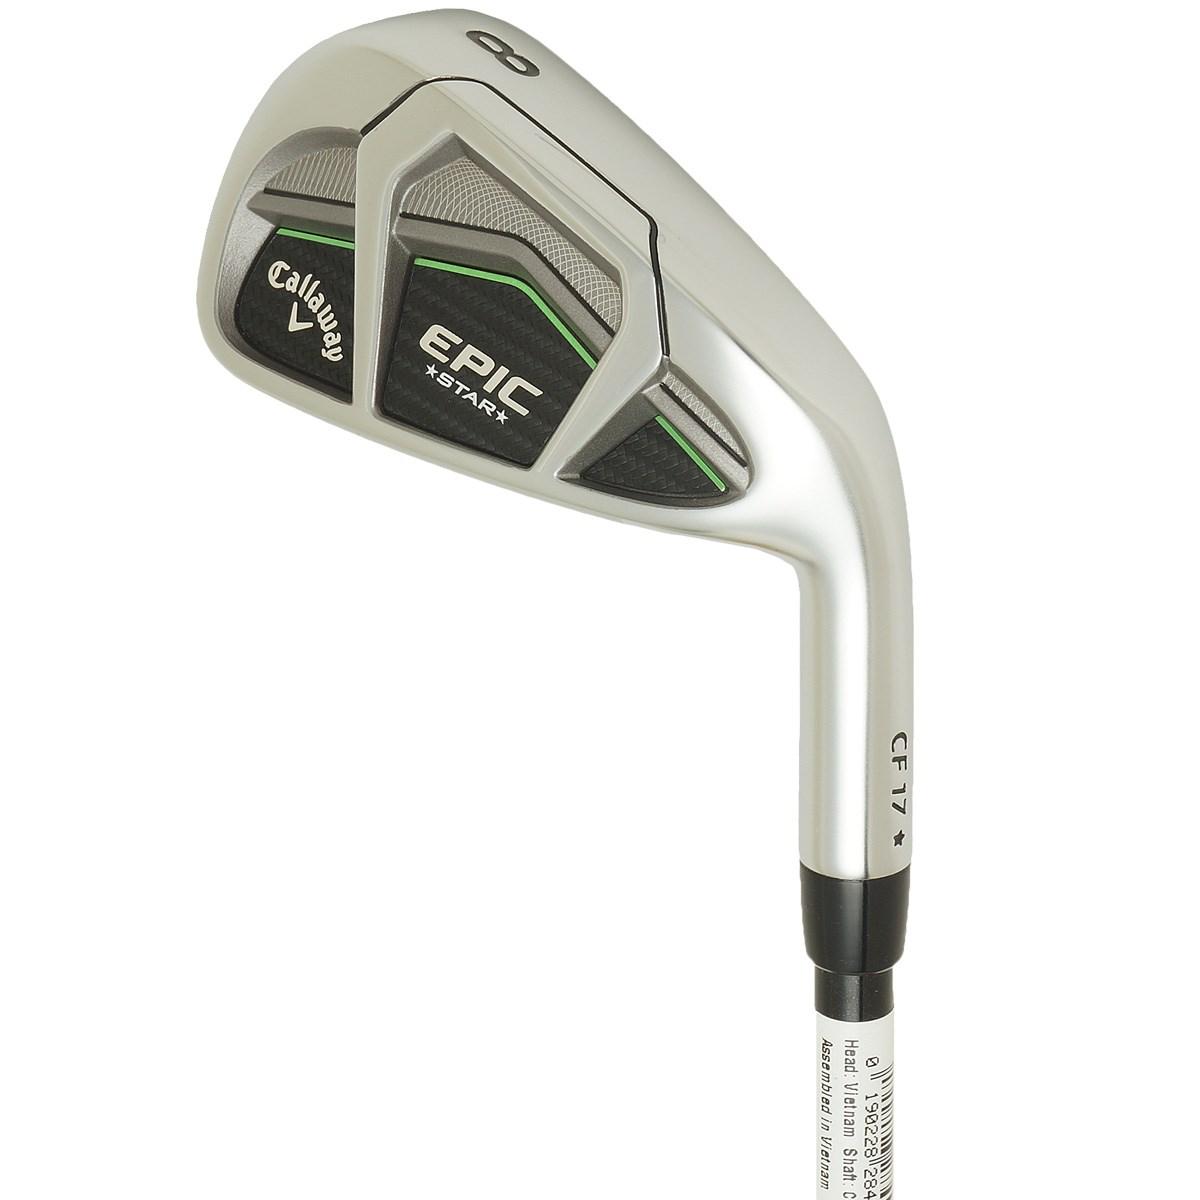 キャロウェイゴルフ(Callaway Golf) GBB EPIC STAR アイアン(単品) Speeder Evolution for EPIC